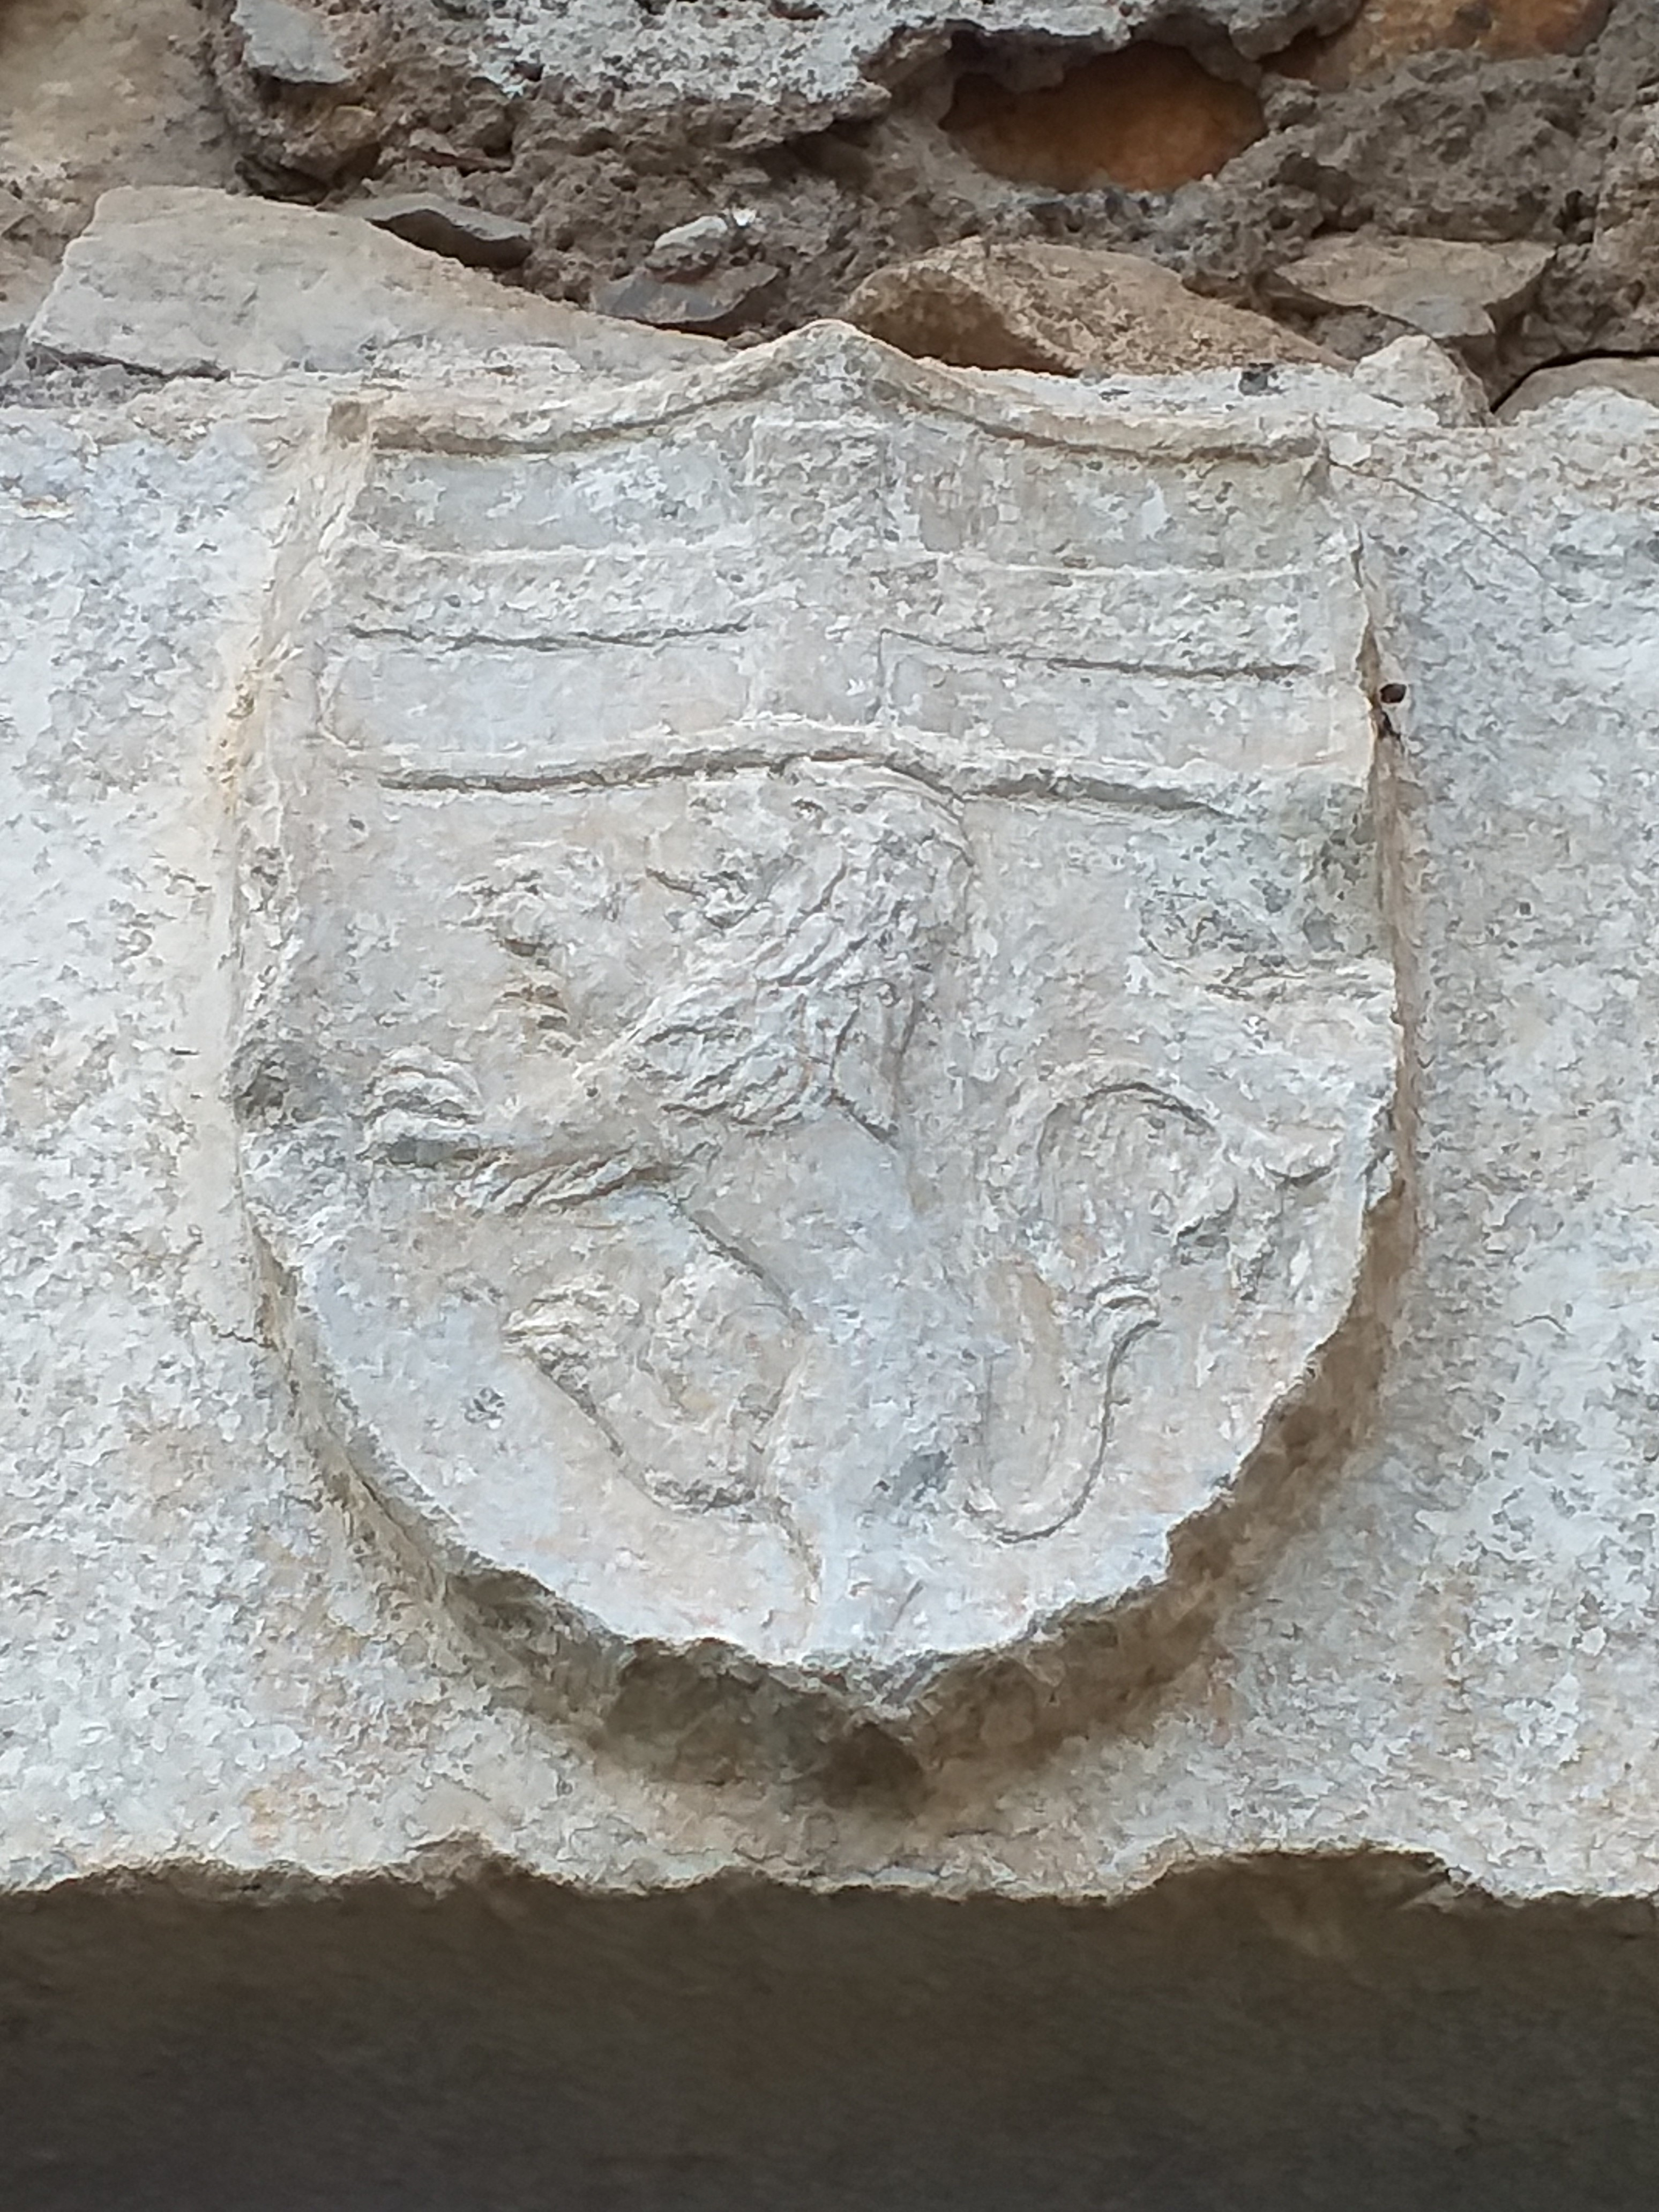 La Chiesa di Sant'Antonio Abate e il legame con l'Ordine dei cavalieri di Malta